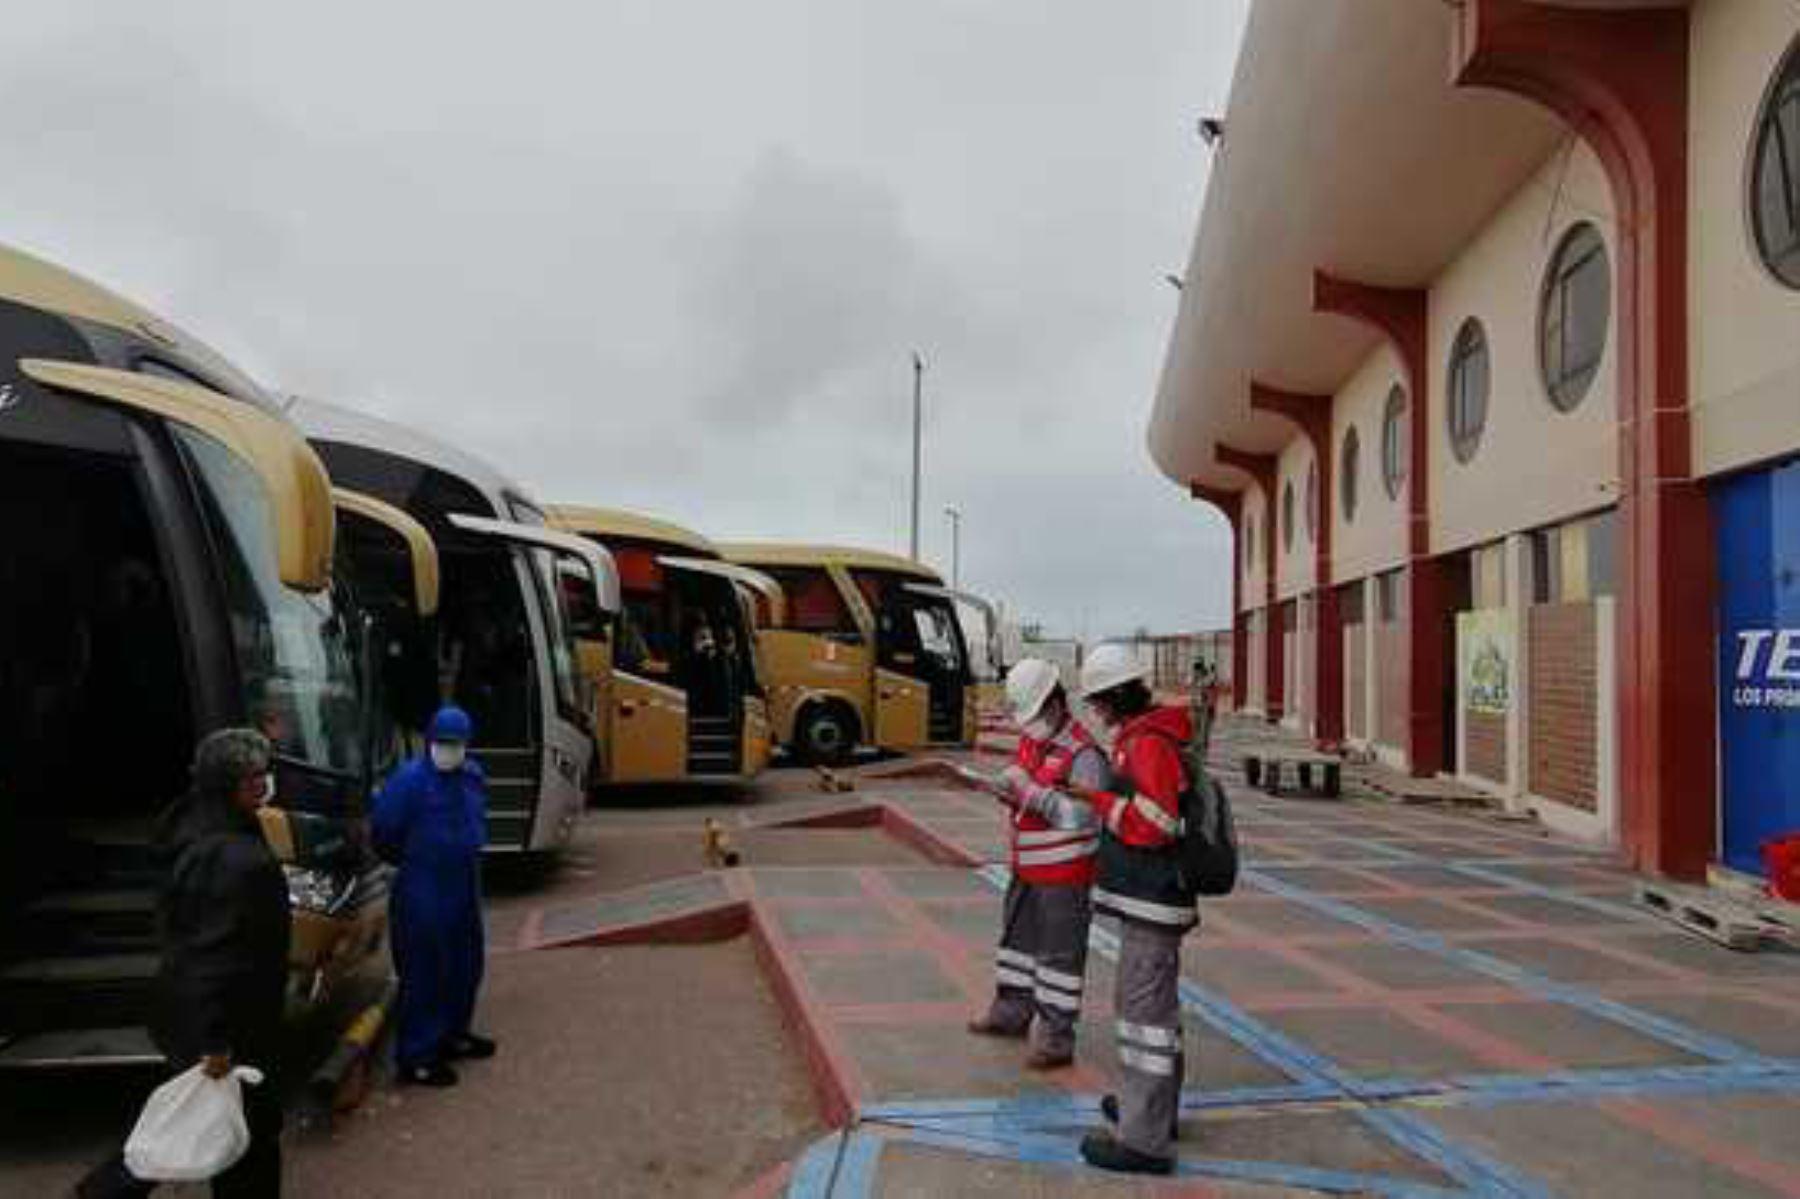 Diversas empresas de transporte interprovincial de pasajeros preparan sus medidas de bioseguridad para reanudar su servicio. ANDINA/Difusión